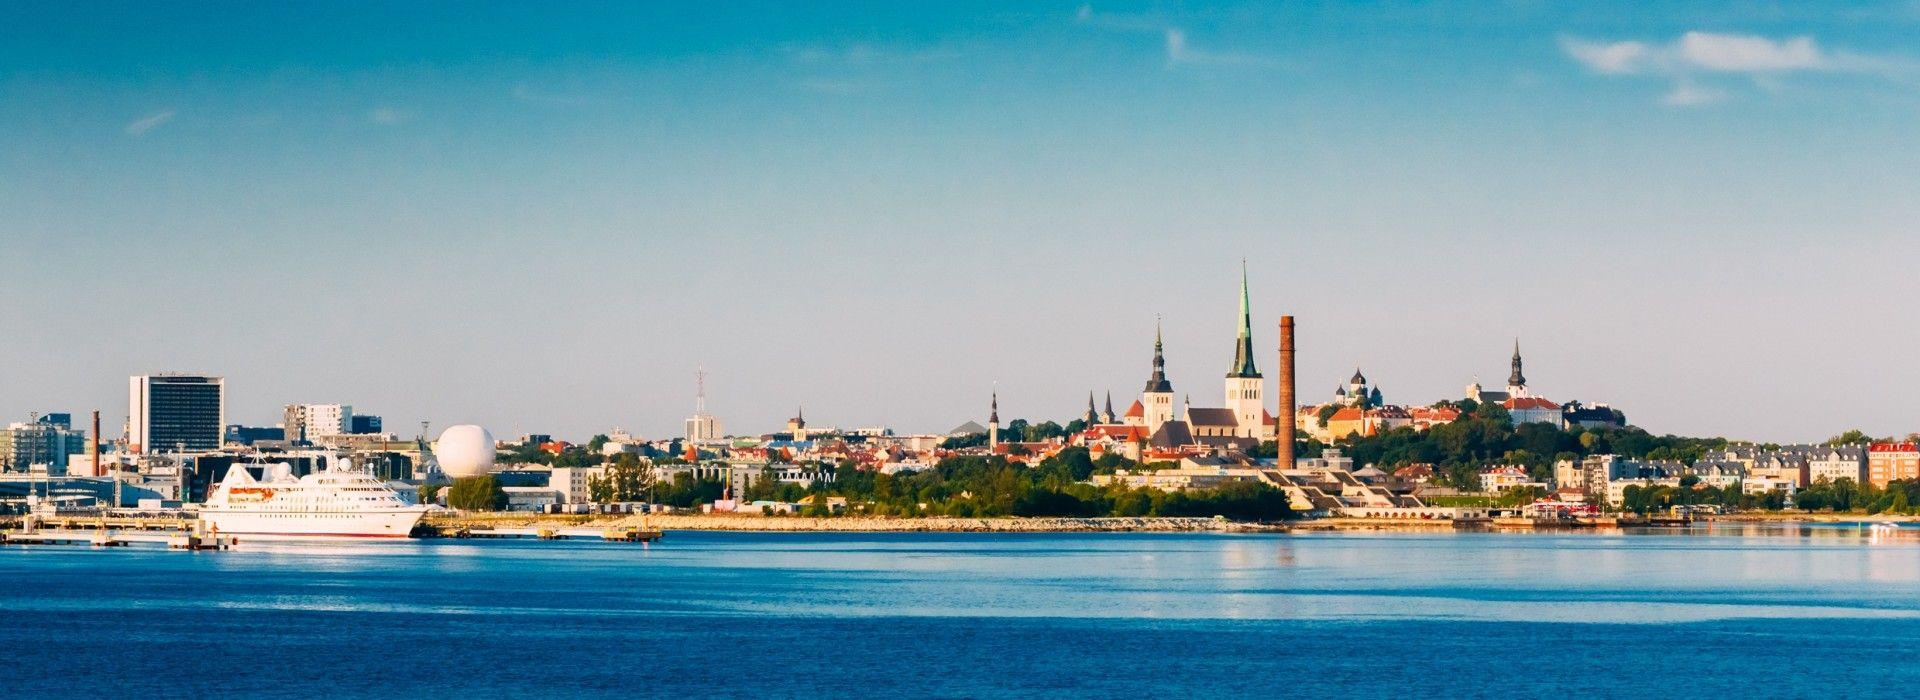 Estonia Tours and Trips to Estonia